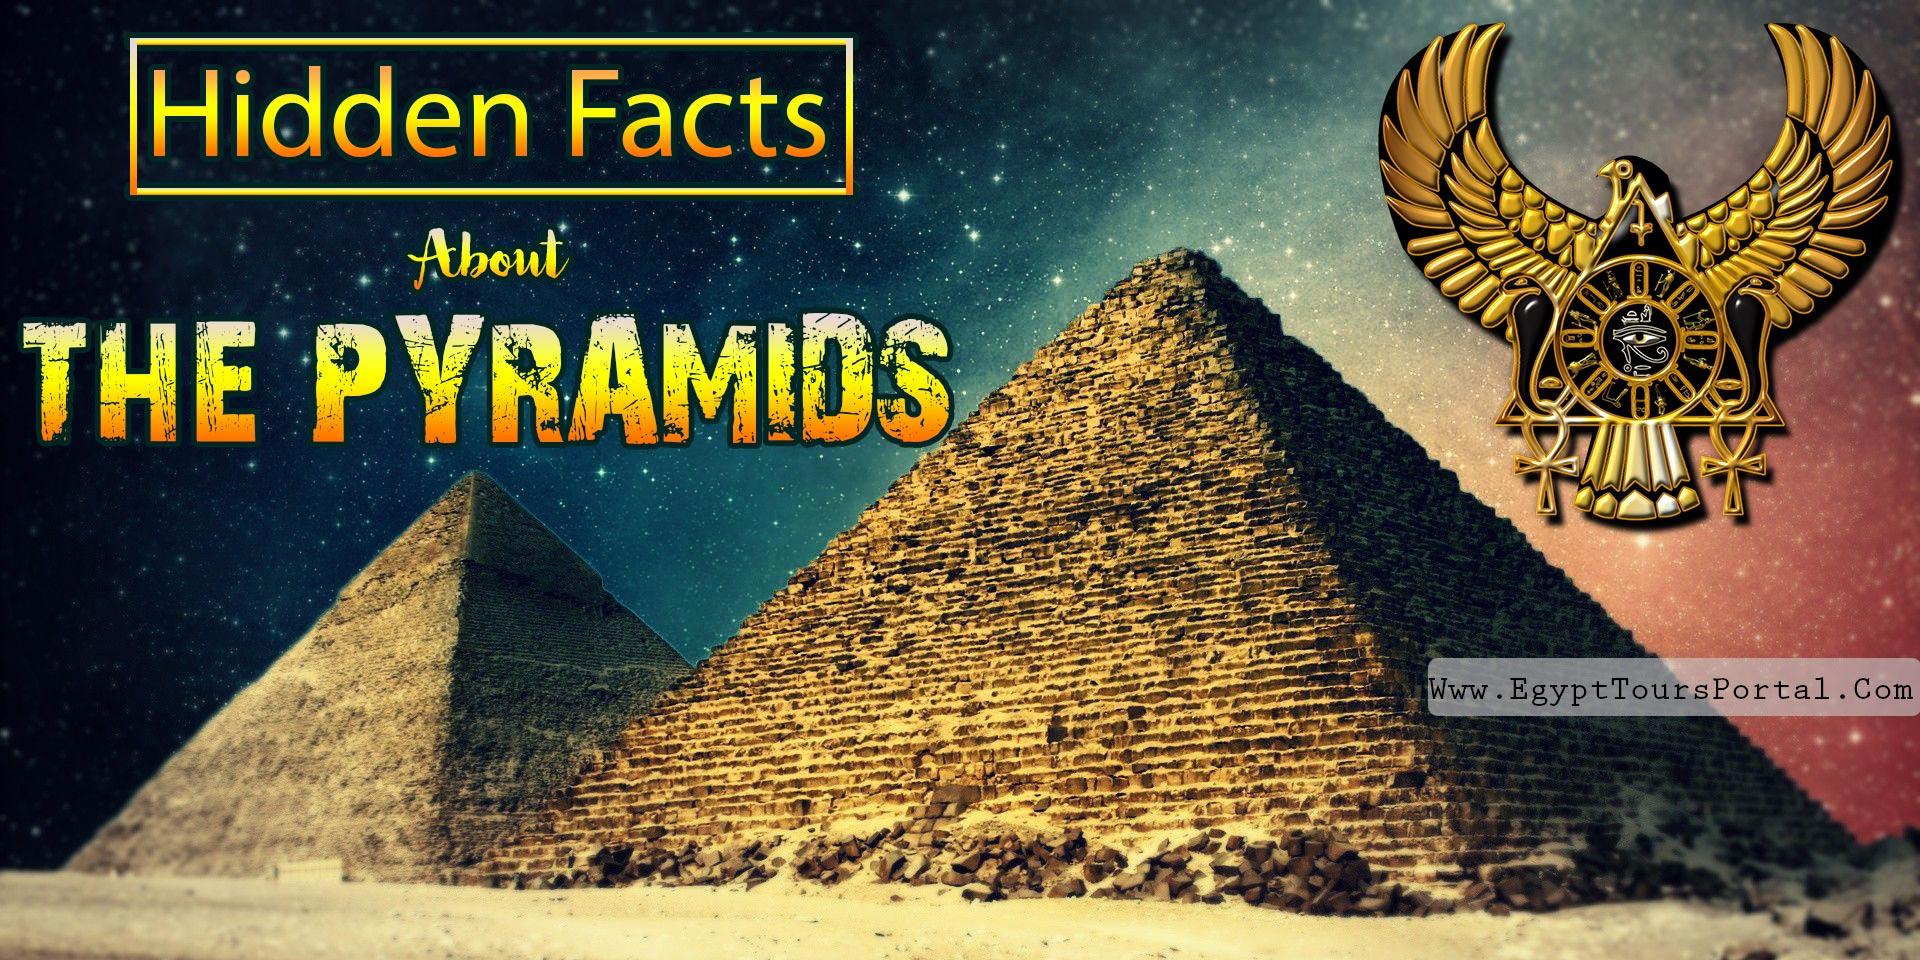 Secret Facts About the Pyramids - Egypt Tours Portal